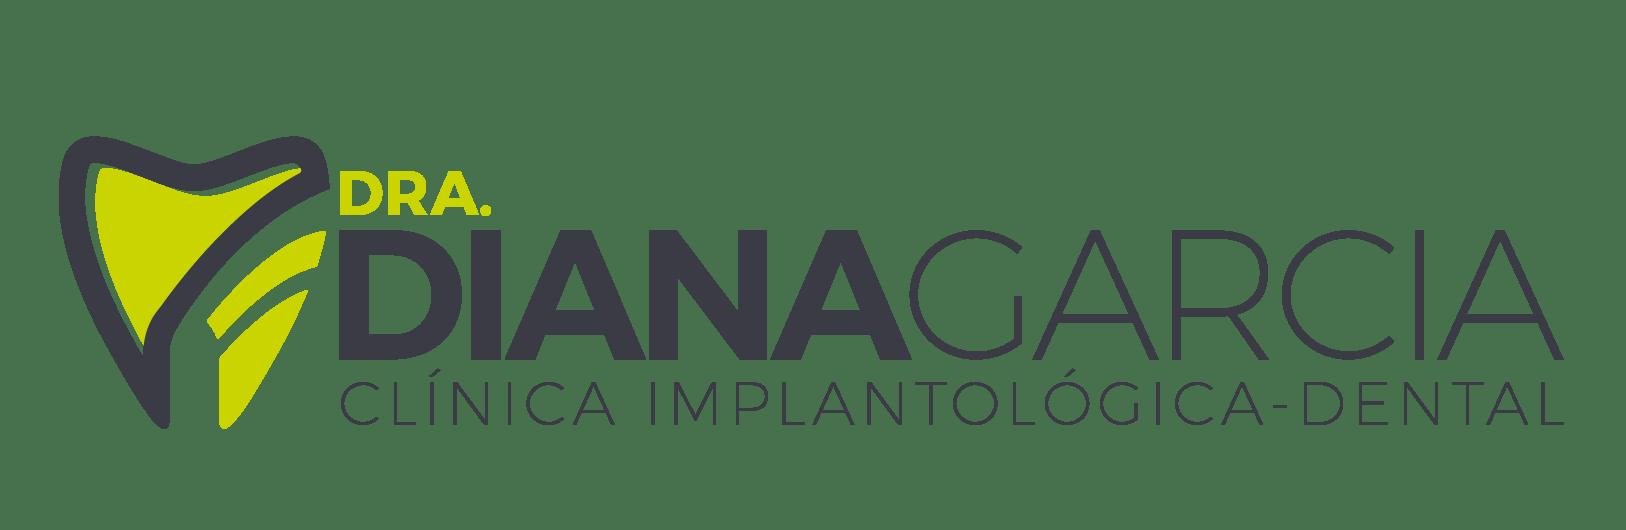 Dra. Diana García - Clínica Implantológica Dental